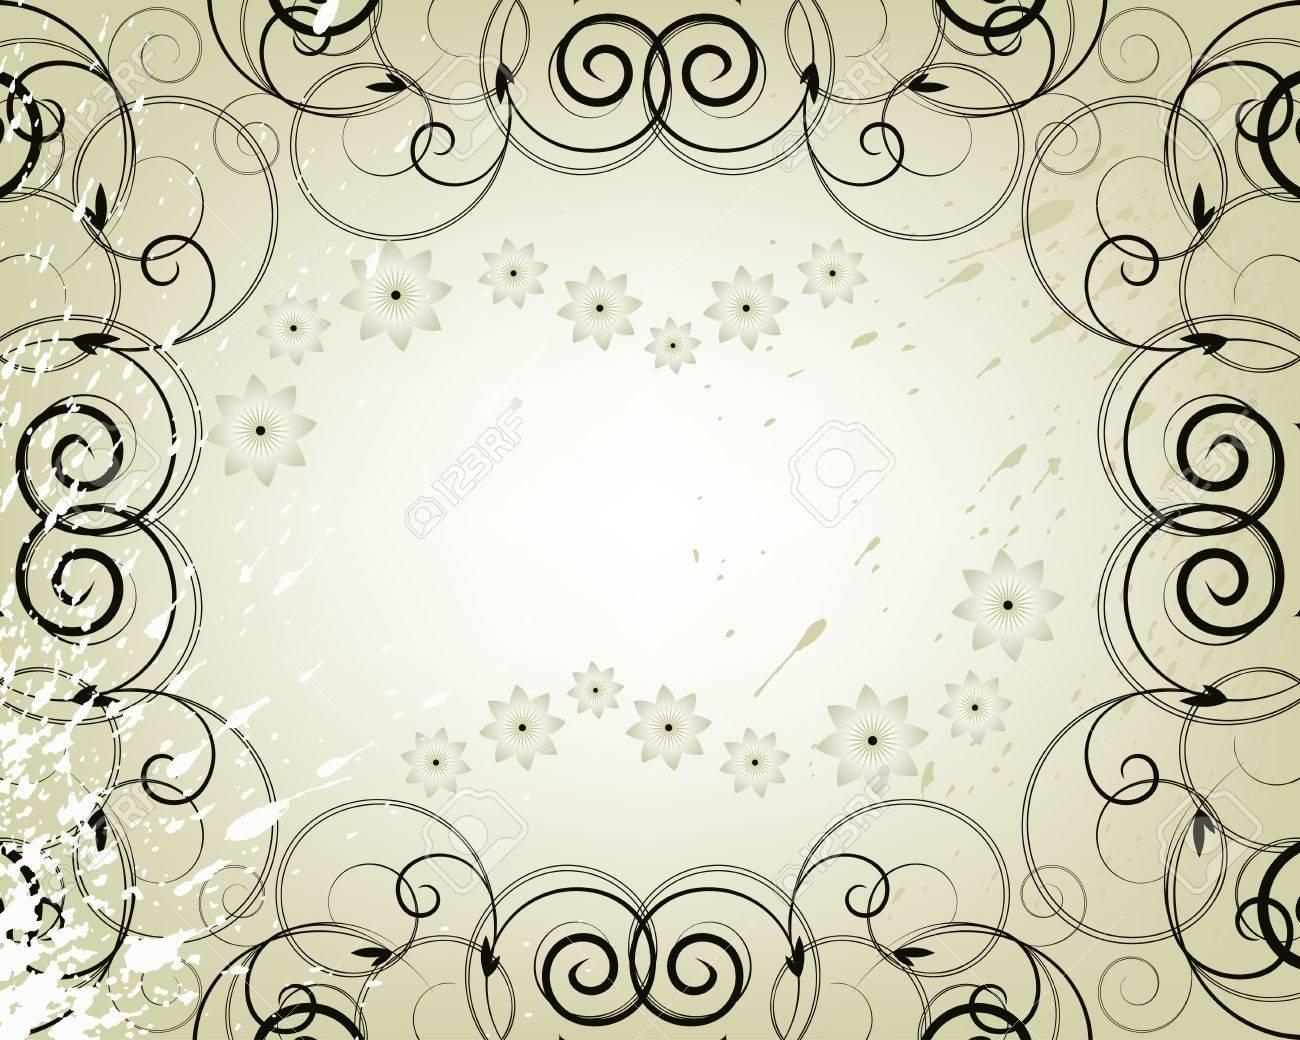 vector frame Stock Photo - 3635157